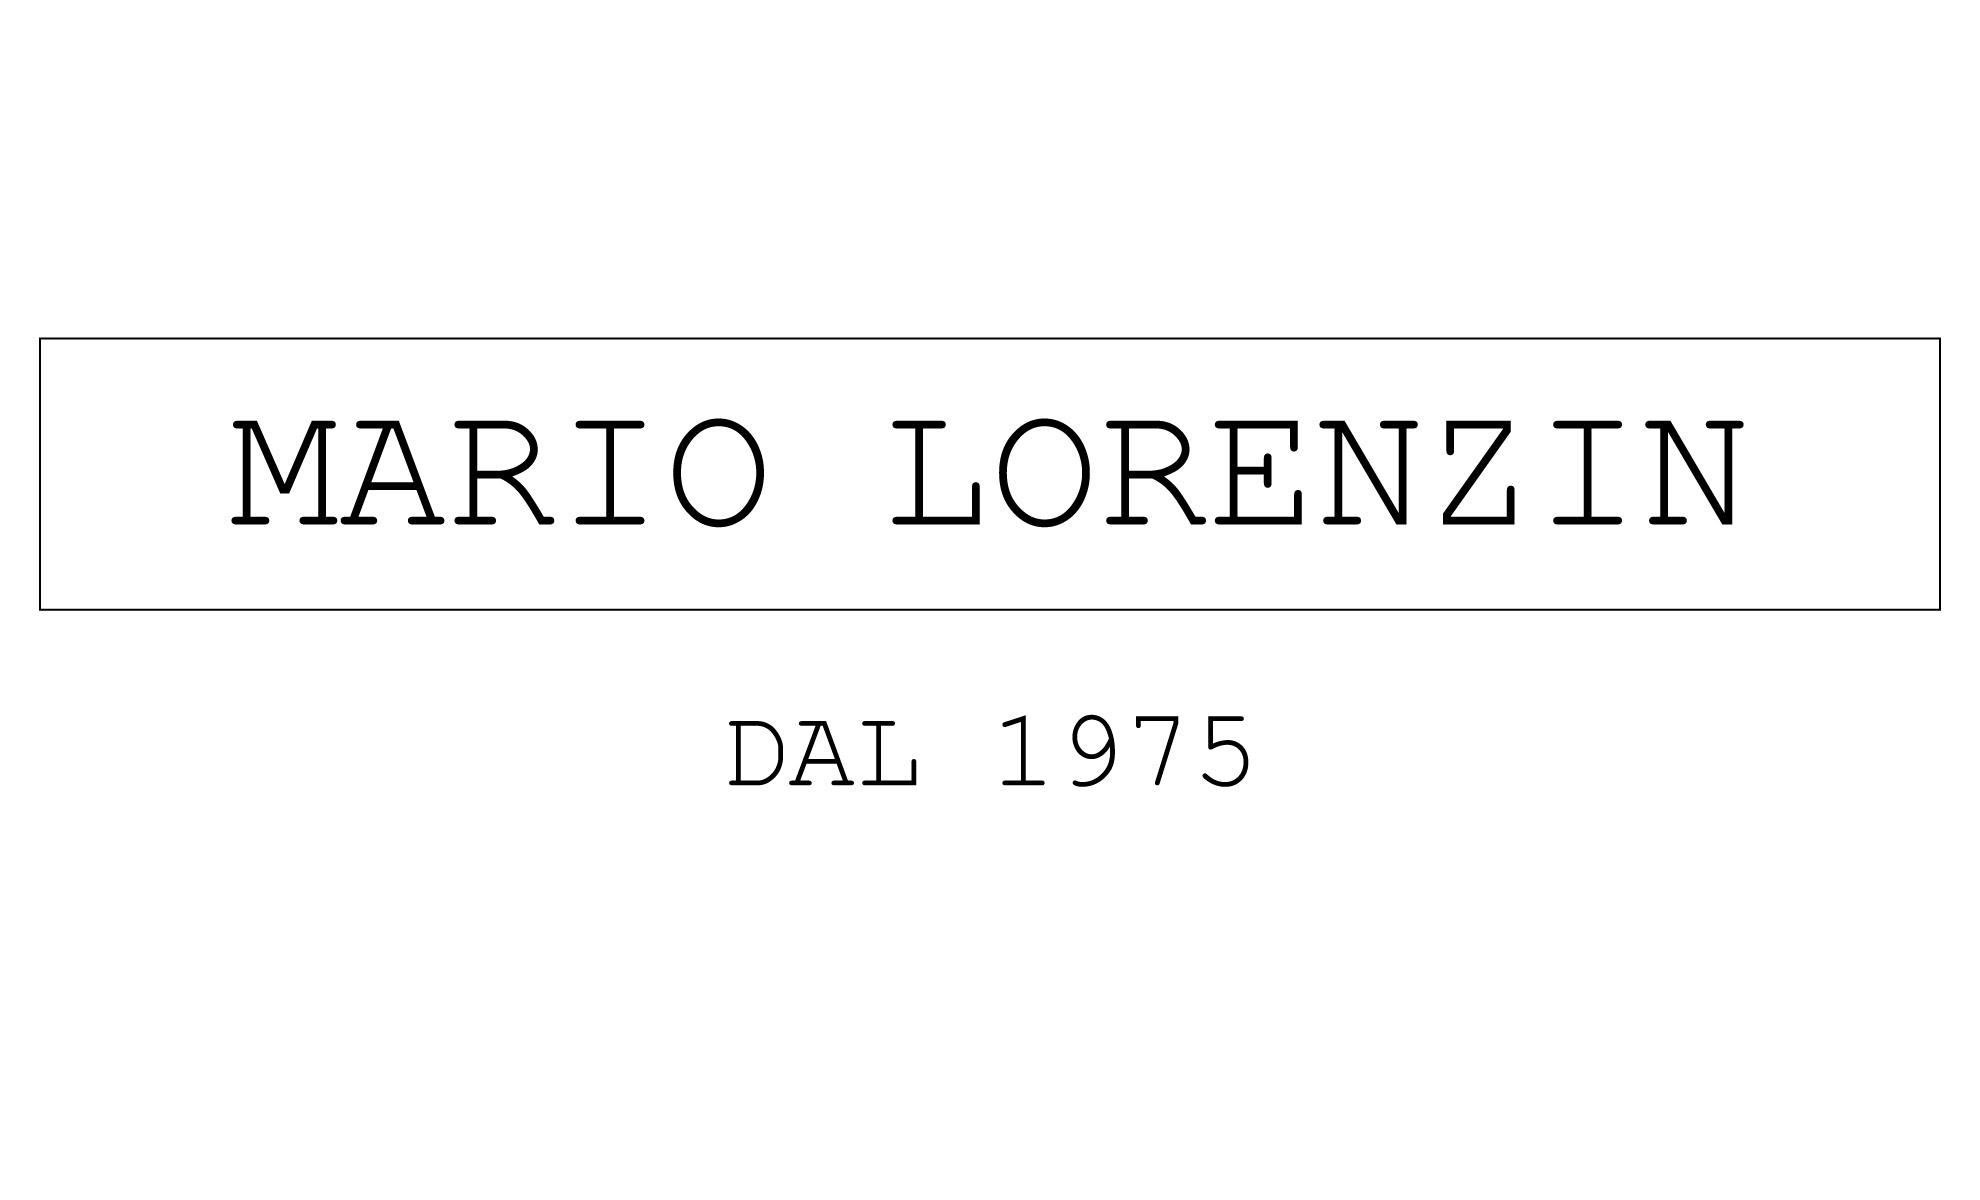 MARIO LORENZIN